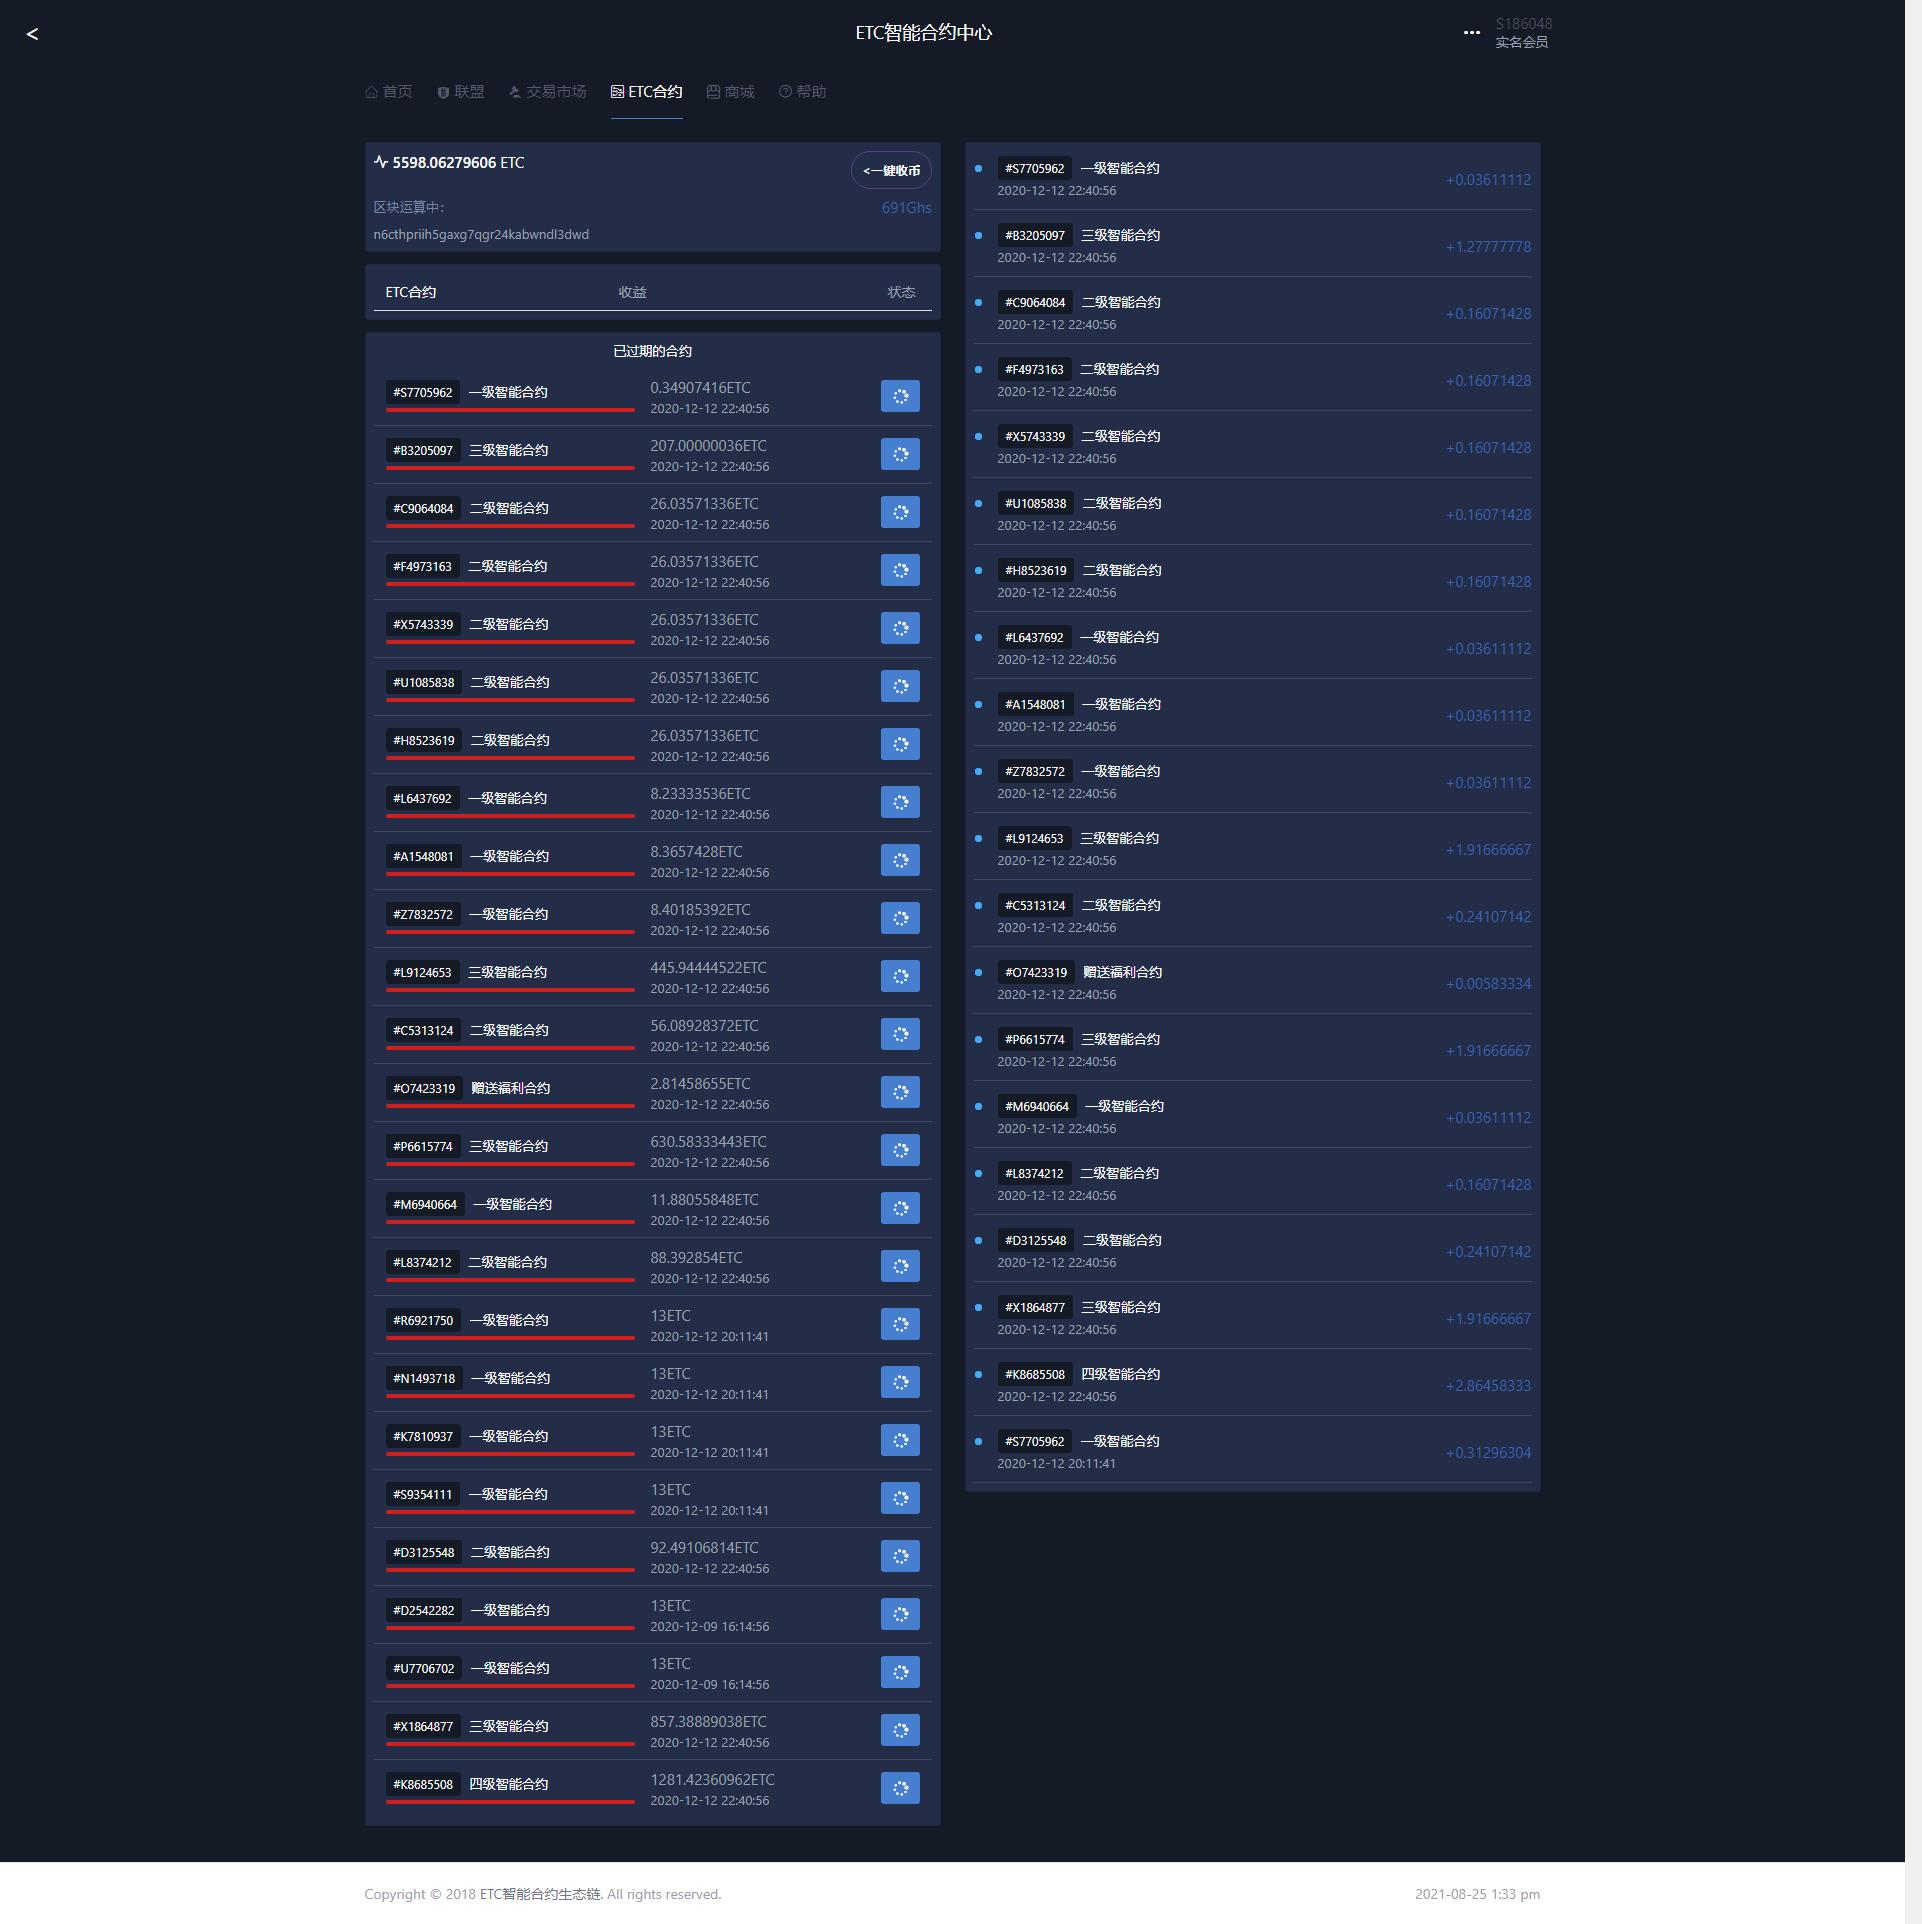 亲测丨区块链矿机模式点对点完整可直接运营矿池钱包挖矿网站源码下载带手机端